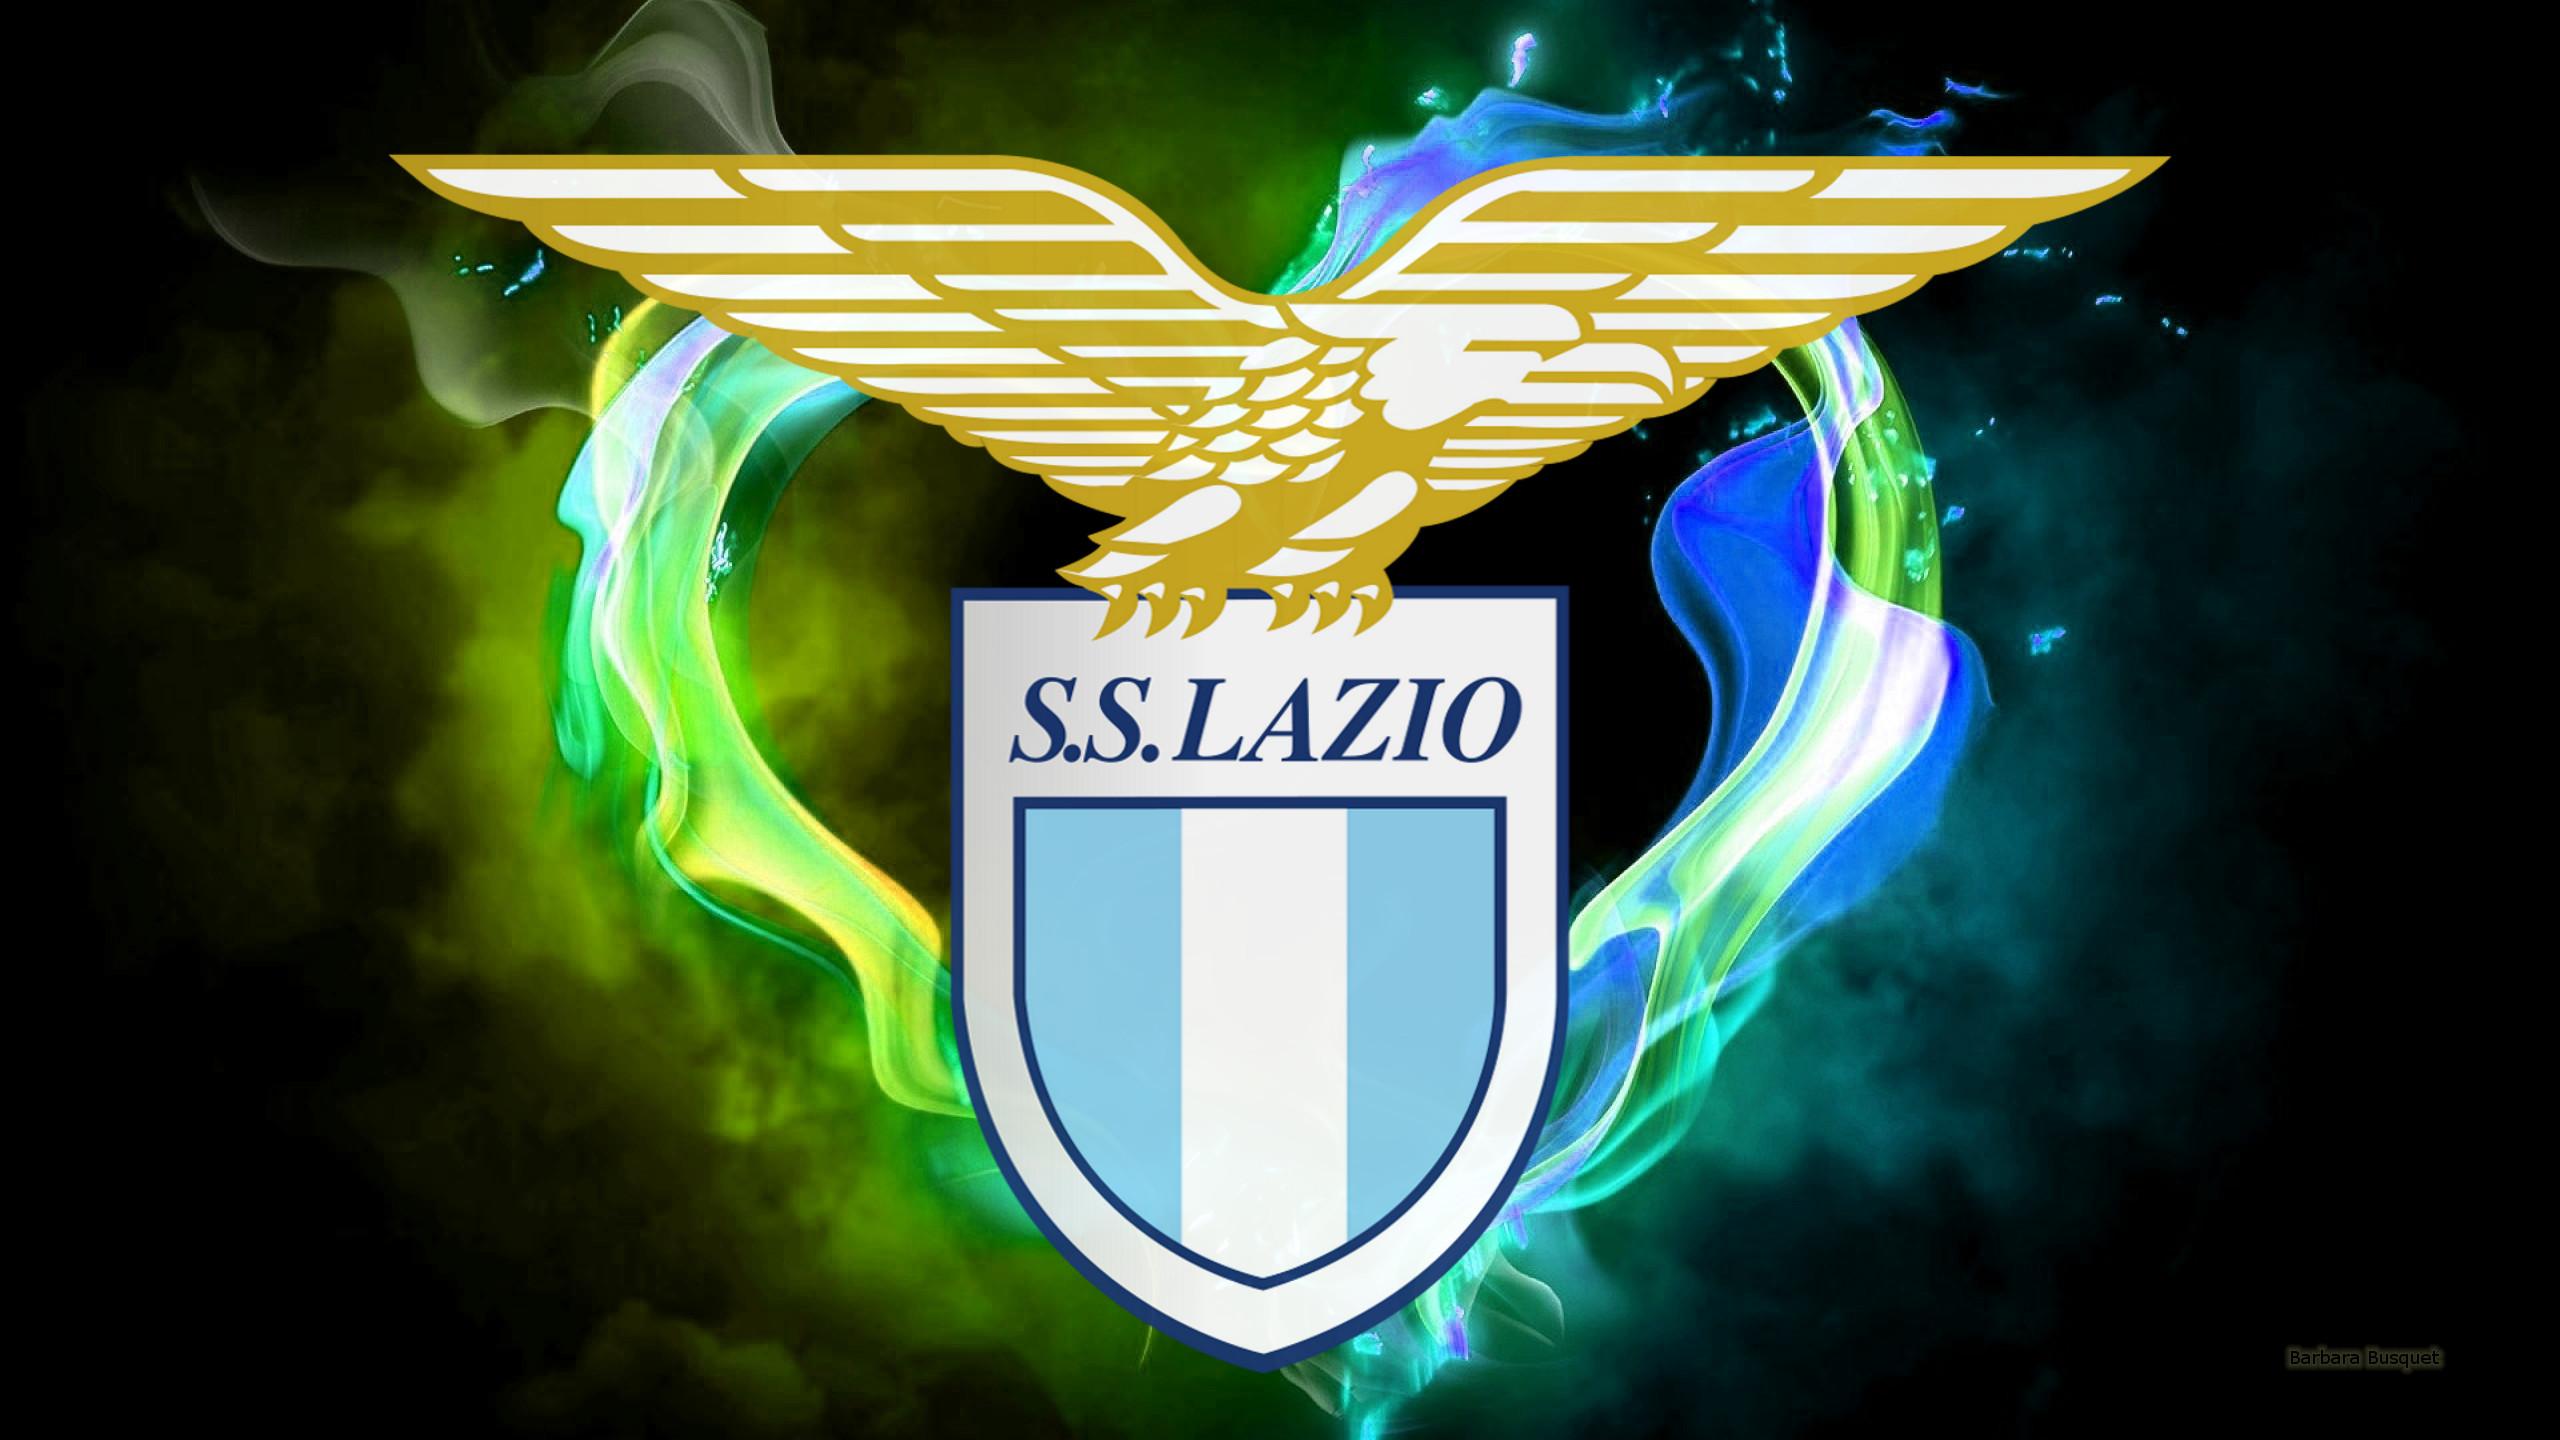 Società Sportiva Lazio Wallpapers Barbaras Hd Wallpapers